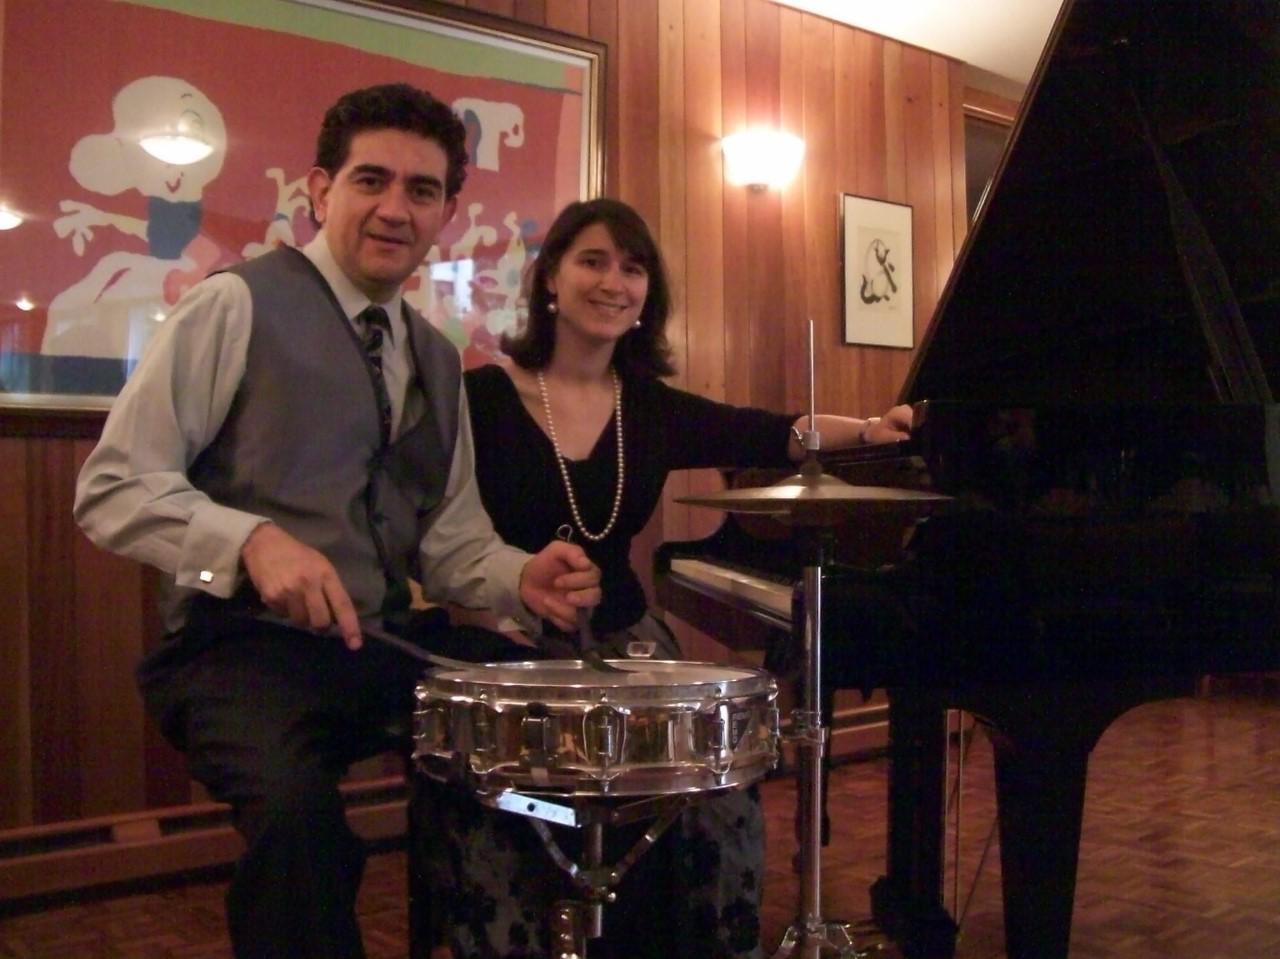 Laura Dubin & Antonio Guerrero